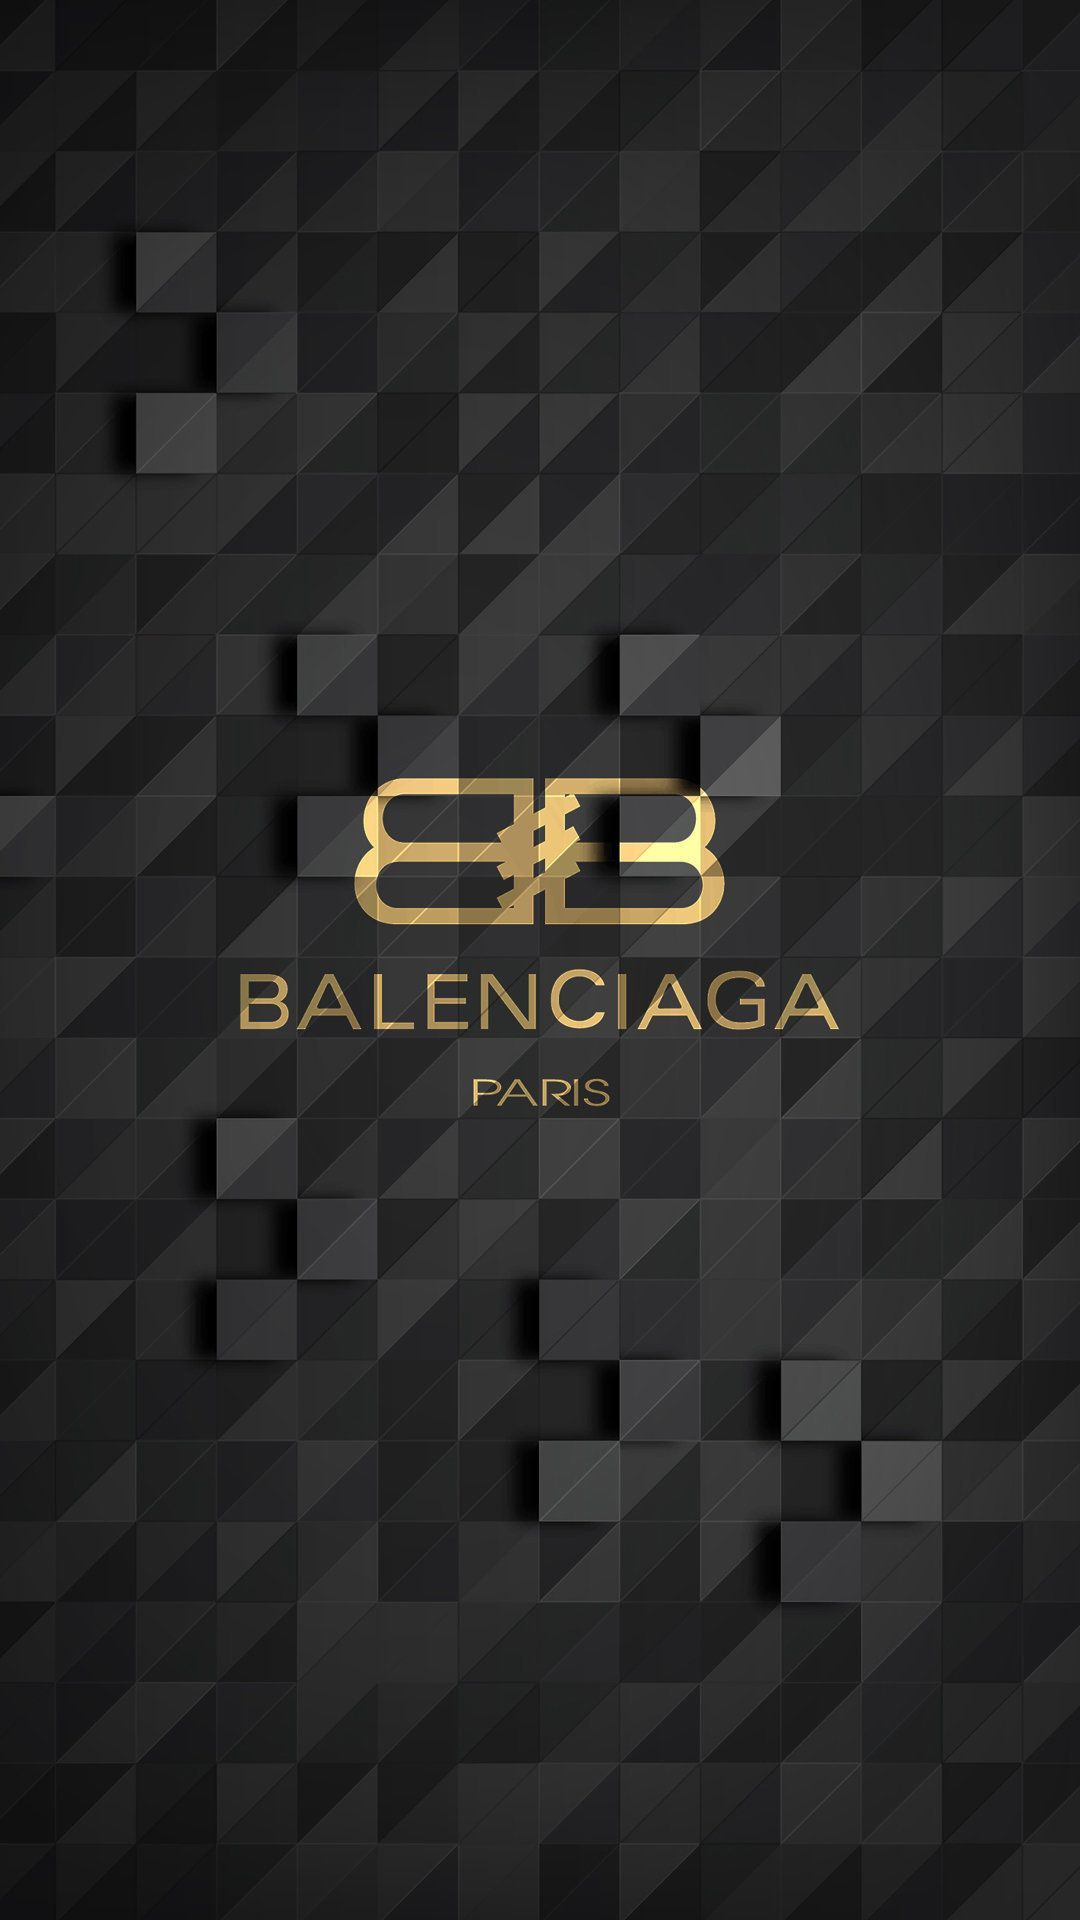 Capilares Esperanzado excursionismo  Balenciaga Logo Wallpapers - Top Free Balenciaga Logo Backgrounds -  WallpaperAccess